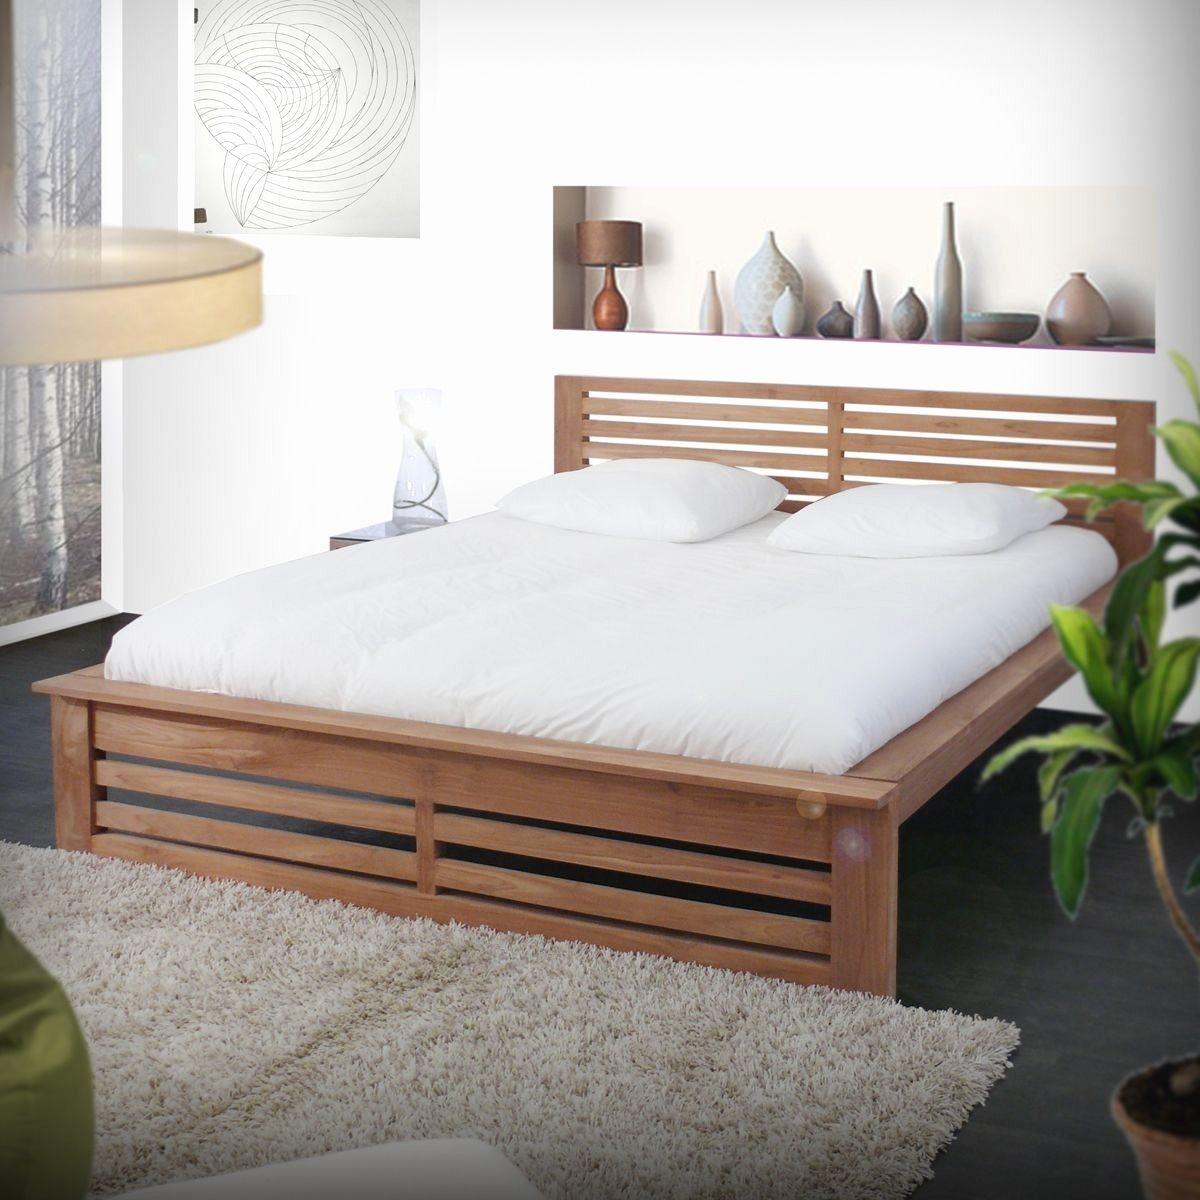 Cadre De Lit 160×200 Ikea Nouveau Lit 160×200 Frais Lit 160—200 Avec Led Luxury Louis Structure De Lit